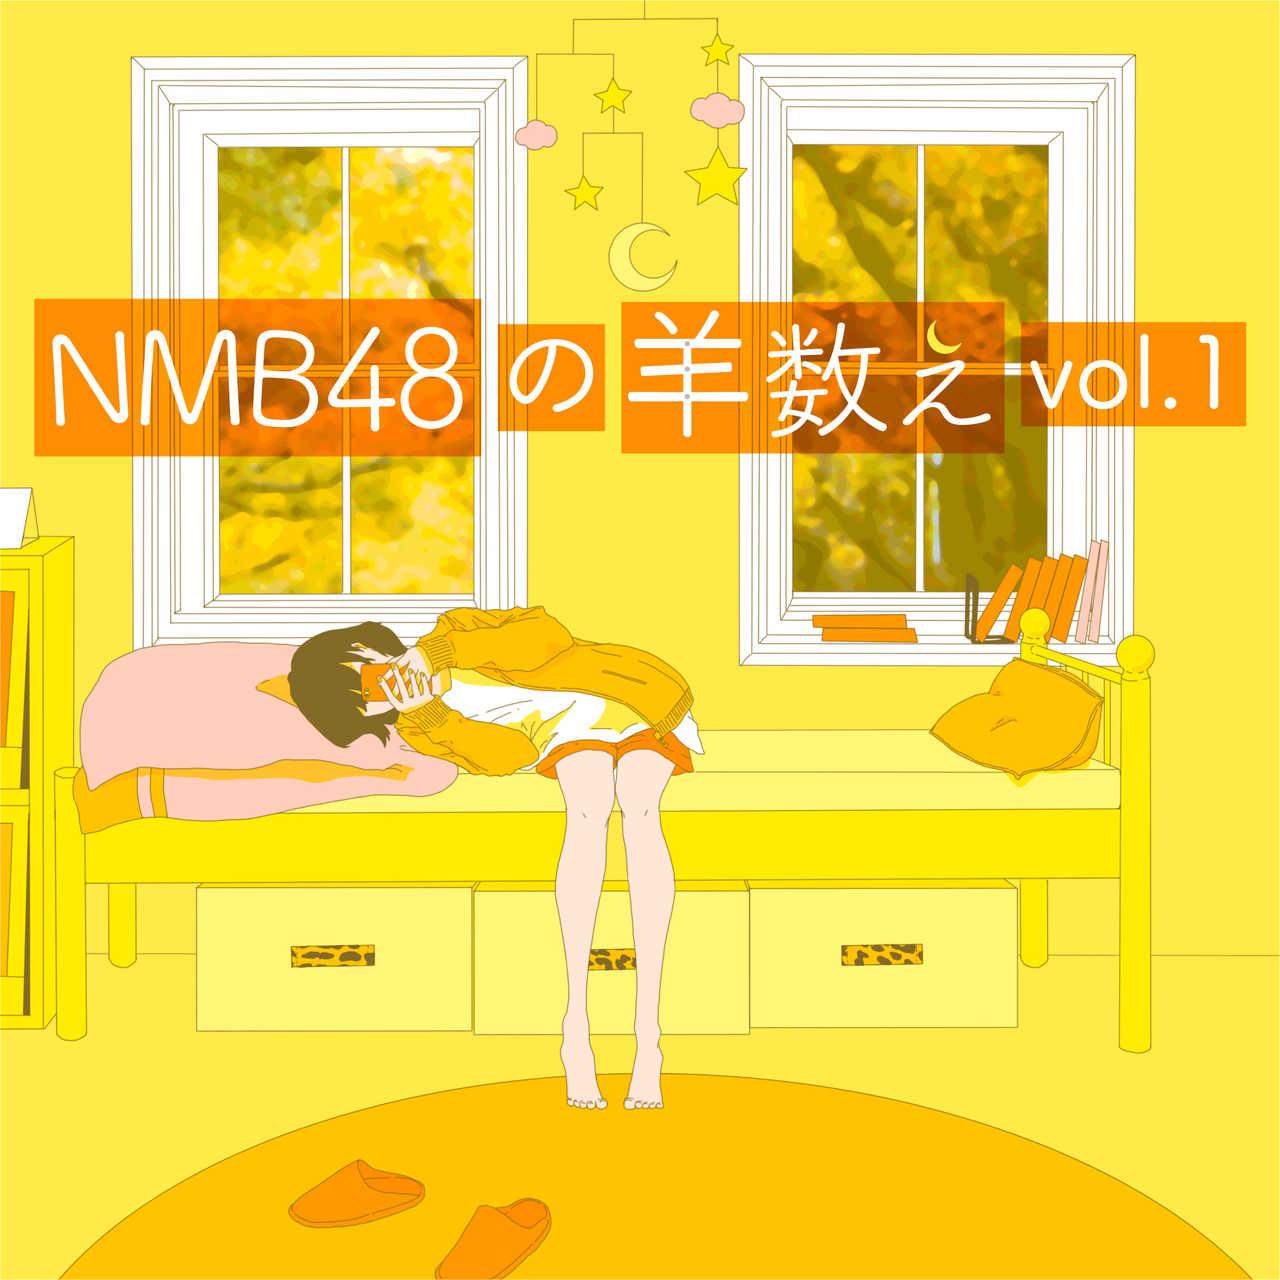 メンバーが眠りに誘う『NMB48の羊数え』がレコチョク先行配信スタート!!